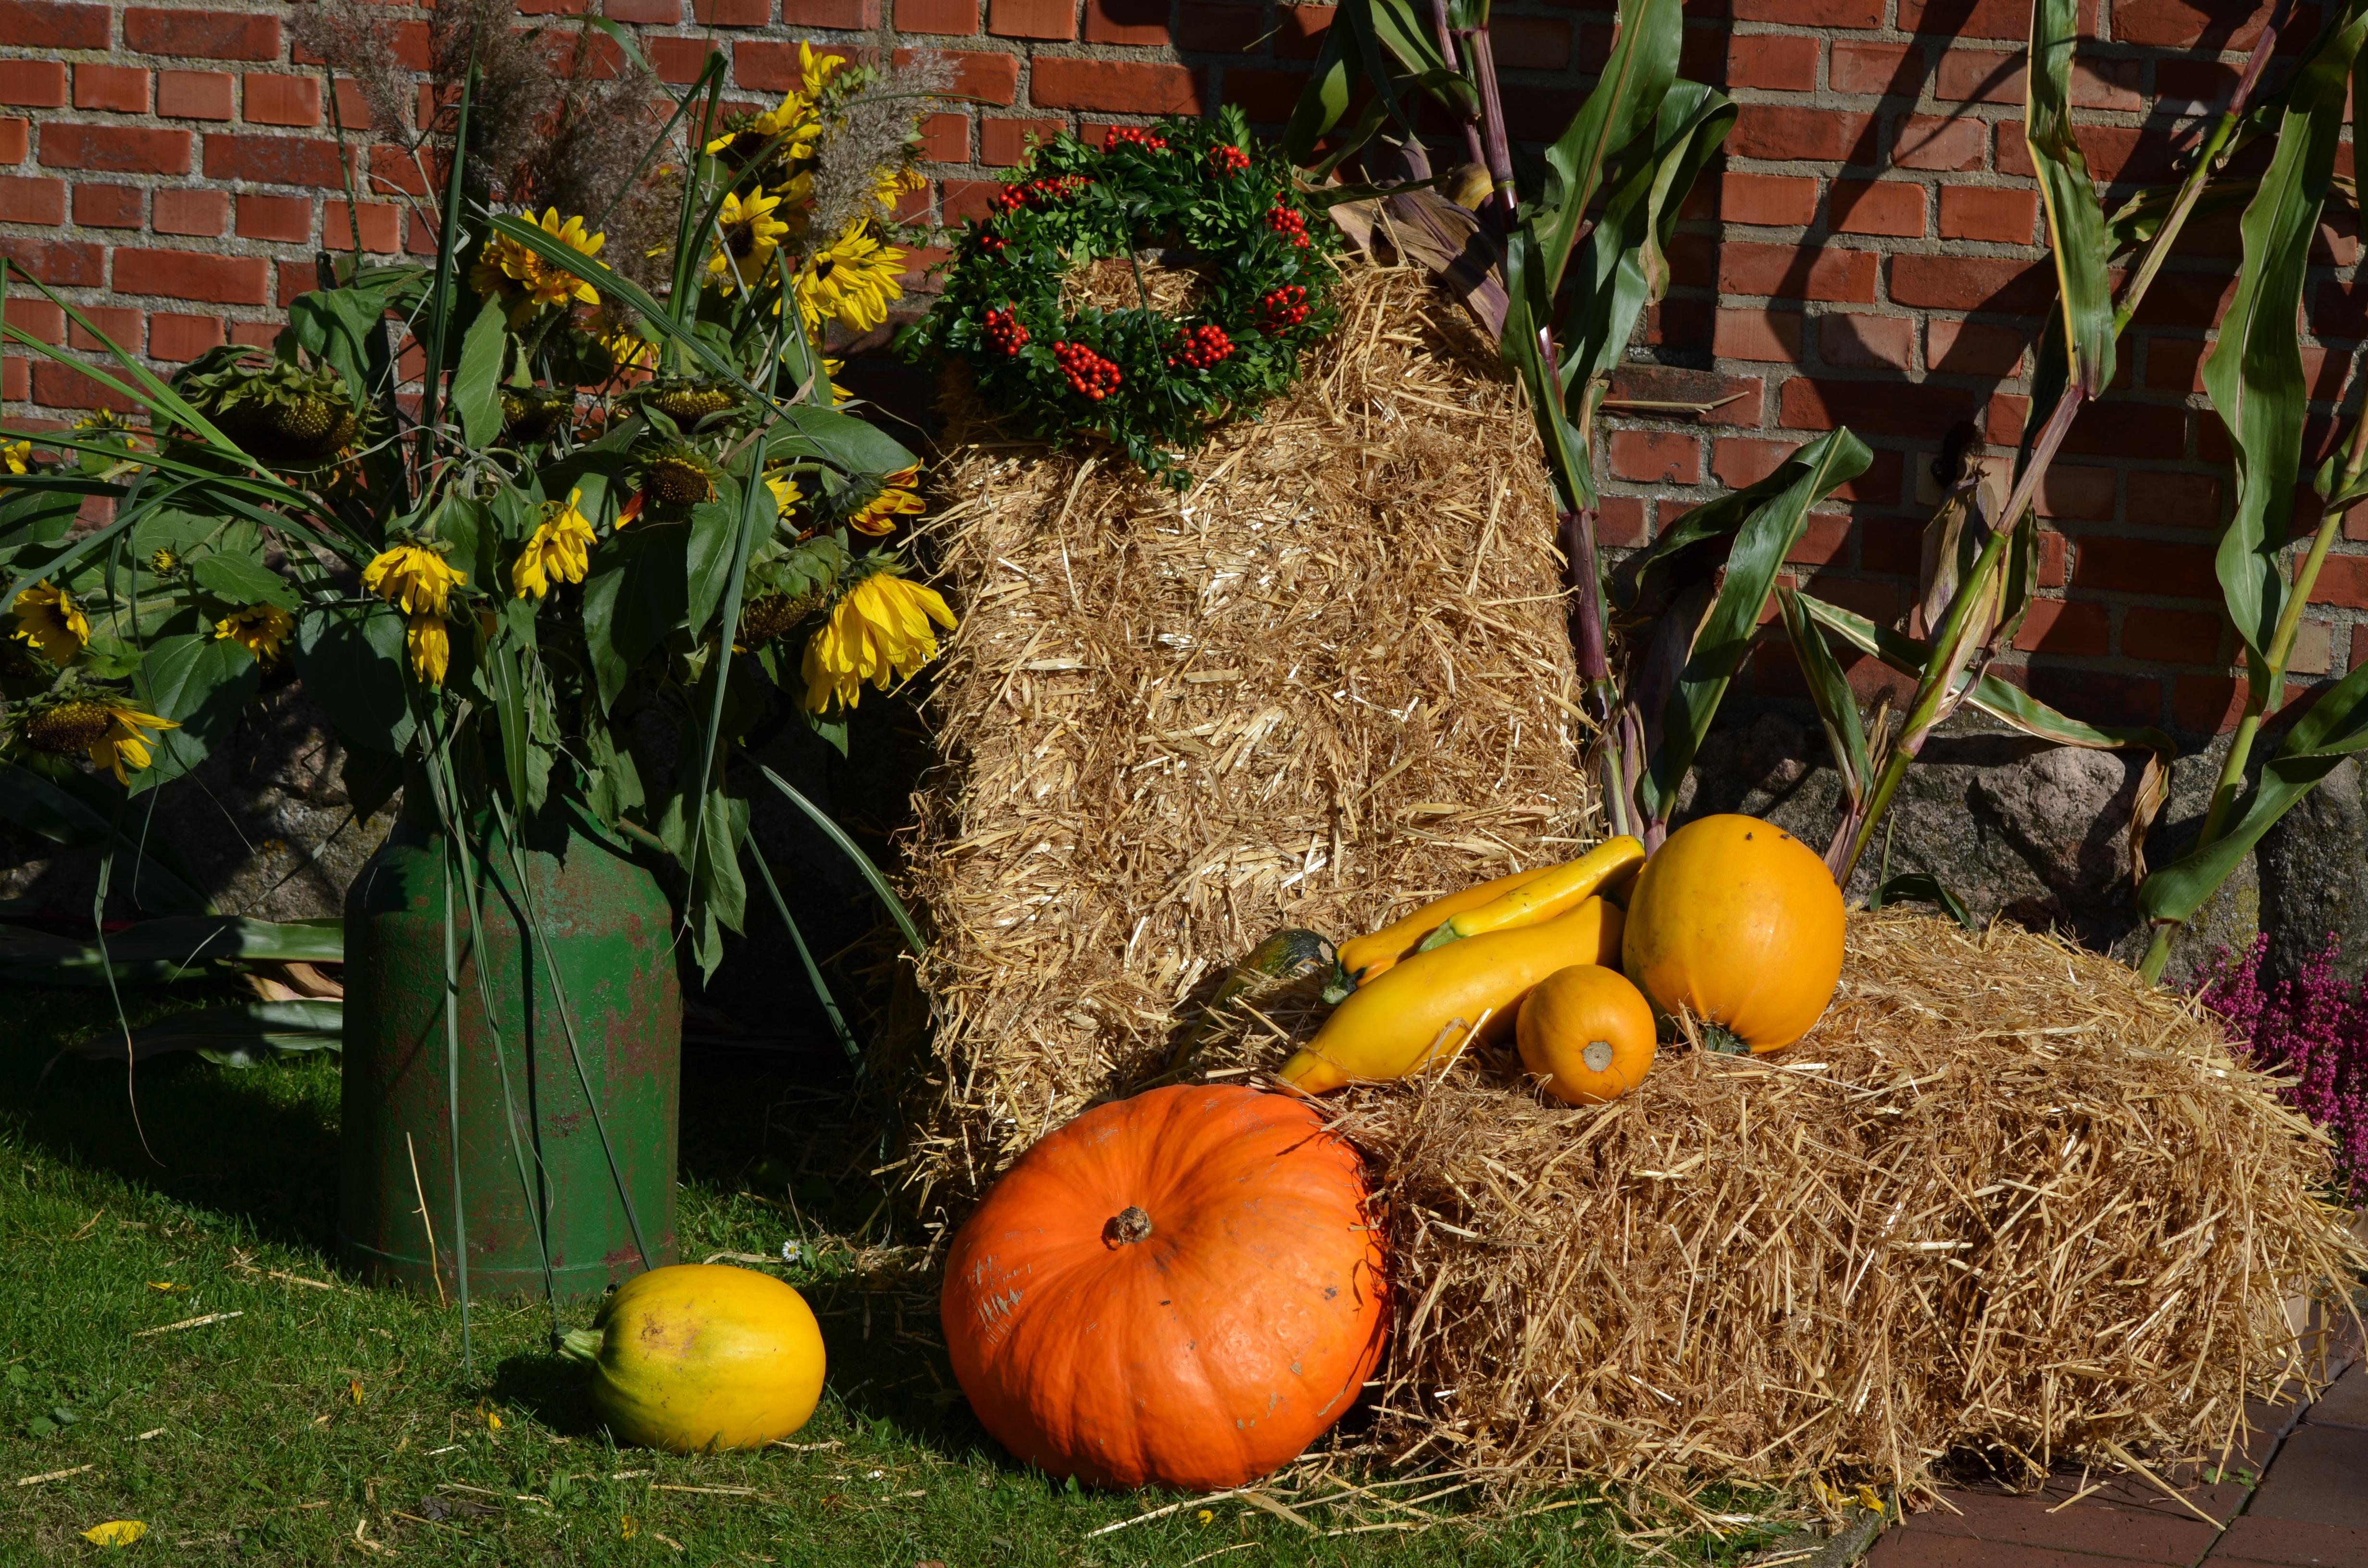 free images flower food produce pumpkin backyard garden